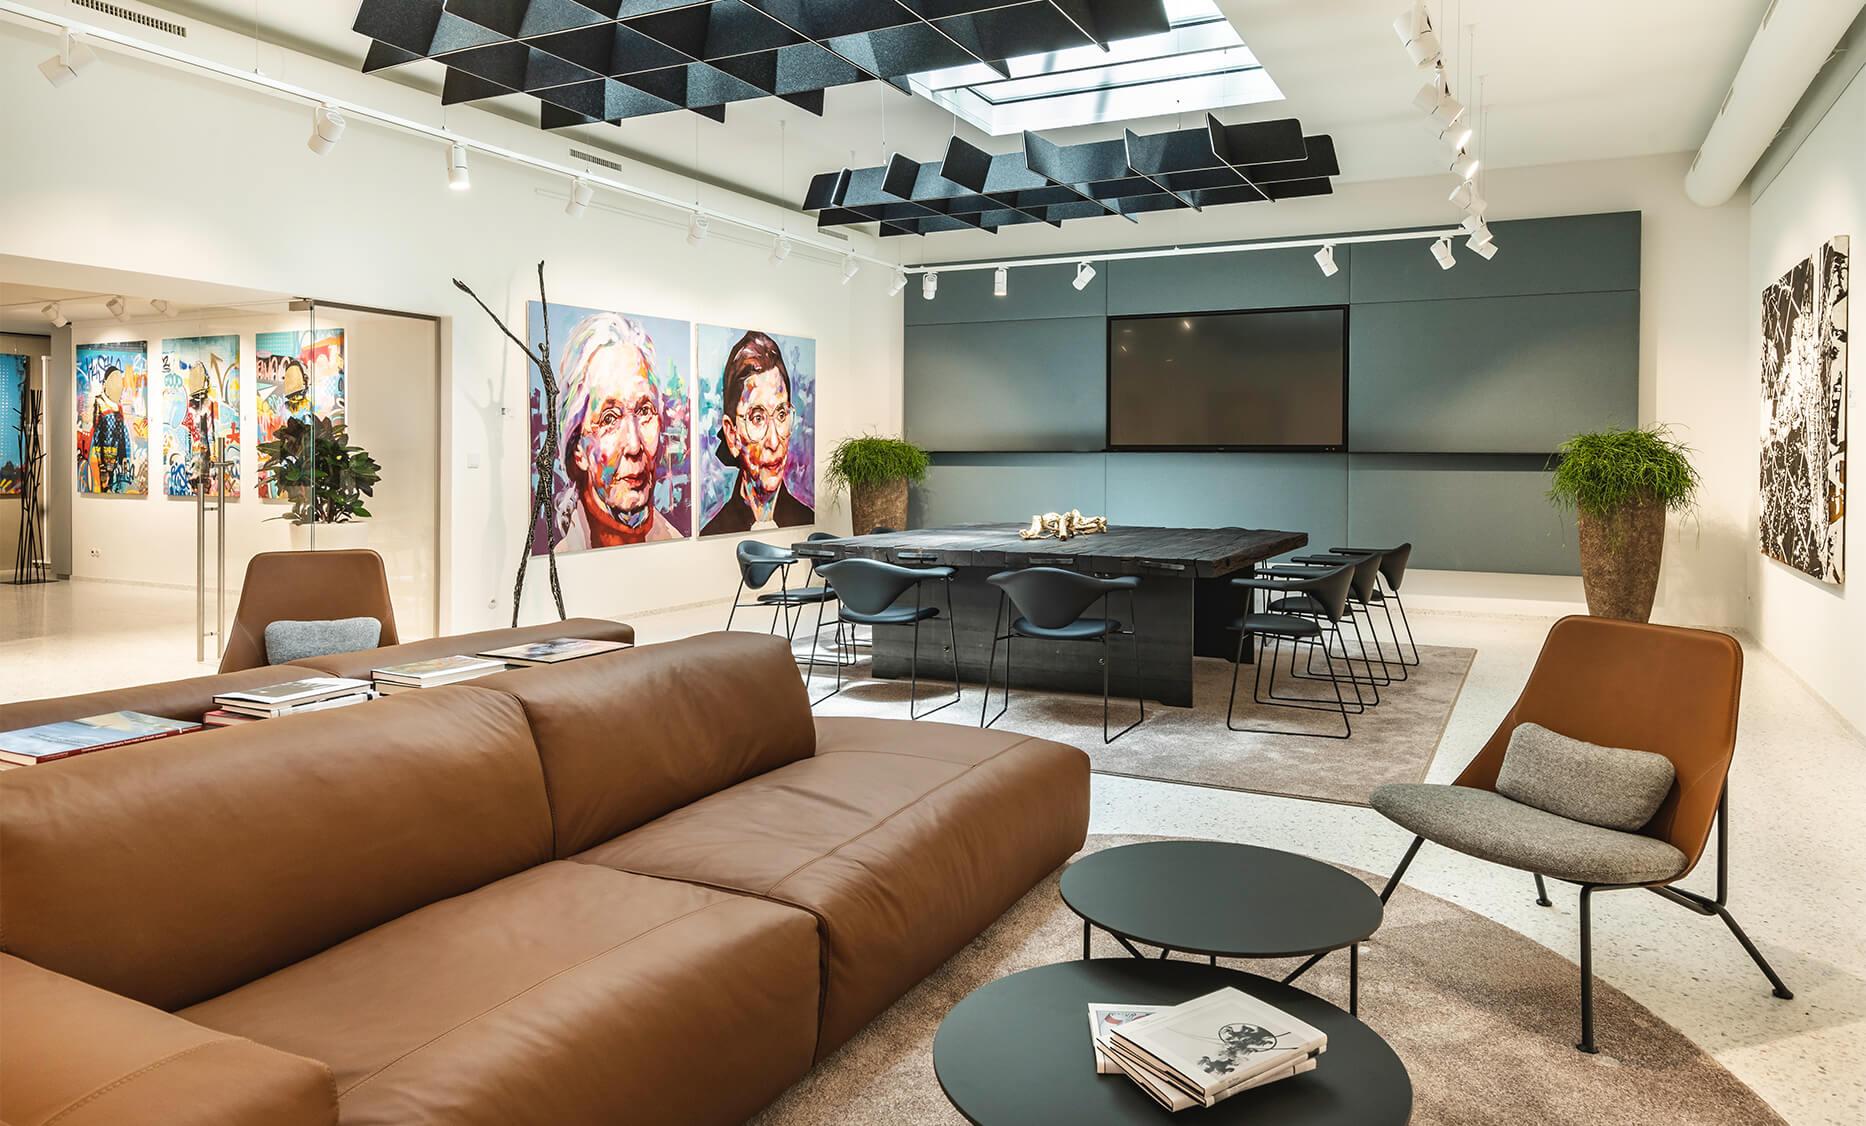 Gemütliche Lounge Möbel von der Firma Prostoria in sattelbrauner Leder Ausführung von der id Werkstatt